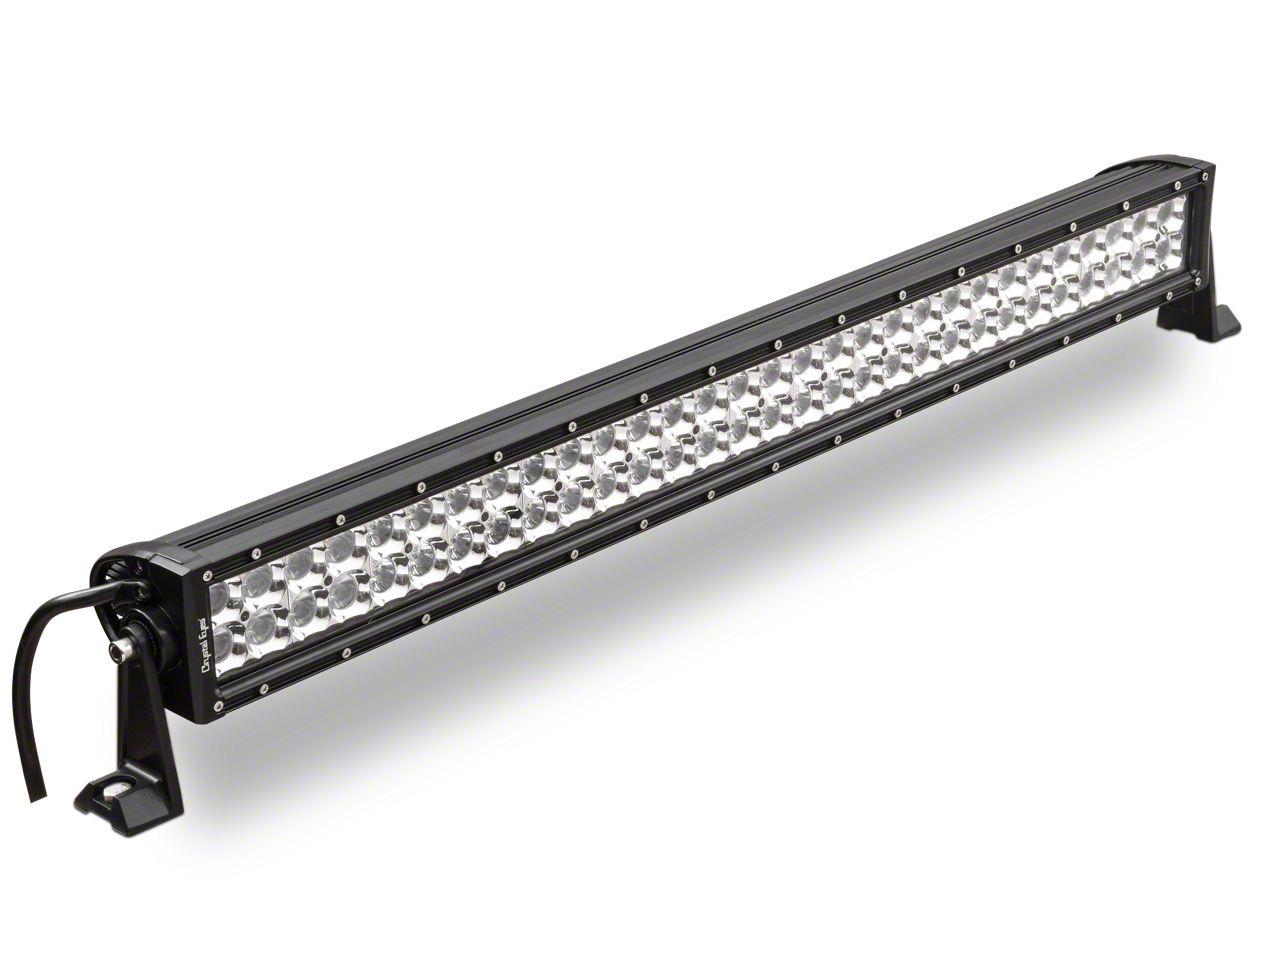 Alteon 31 in. 11 Series LED Light Bar - 30 & 60 Degree Flood Beam